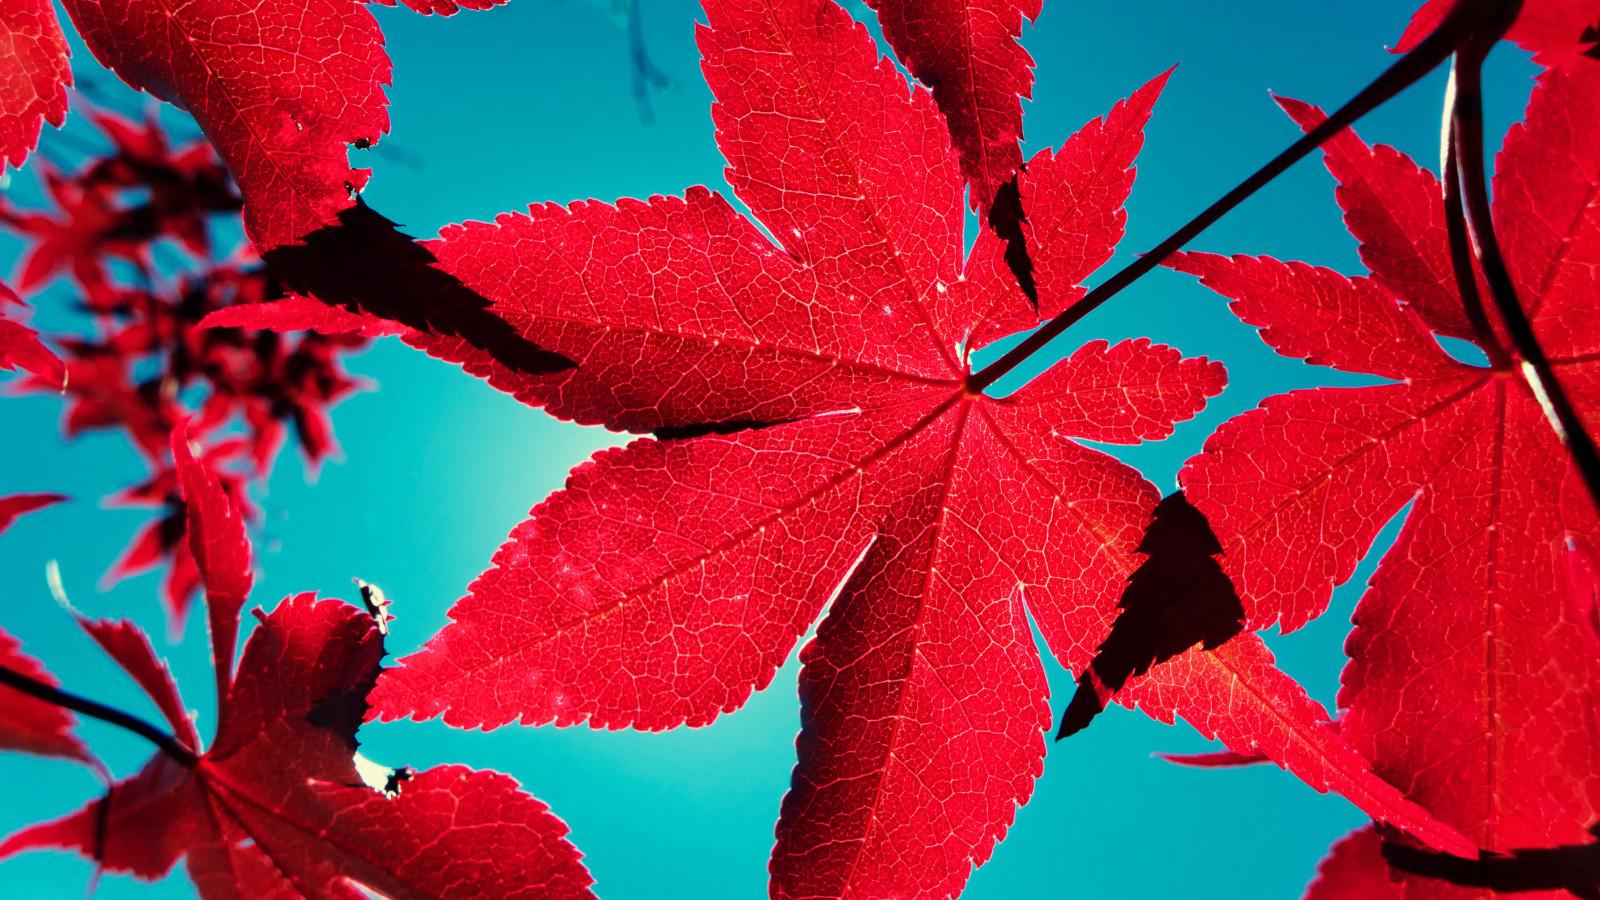 Acero Blu Giapponese sfondi : blu, ombra, rosso, cielo, sole, fuoco, giapponese